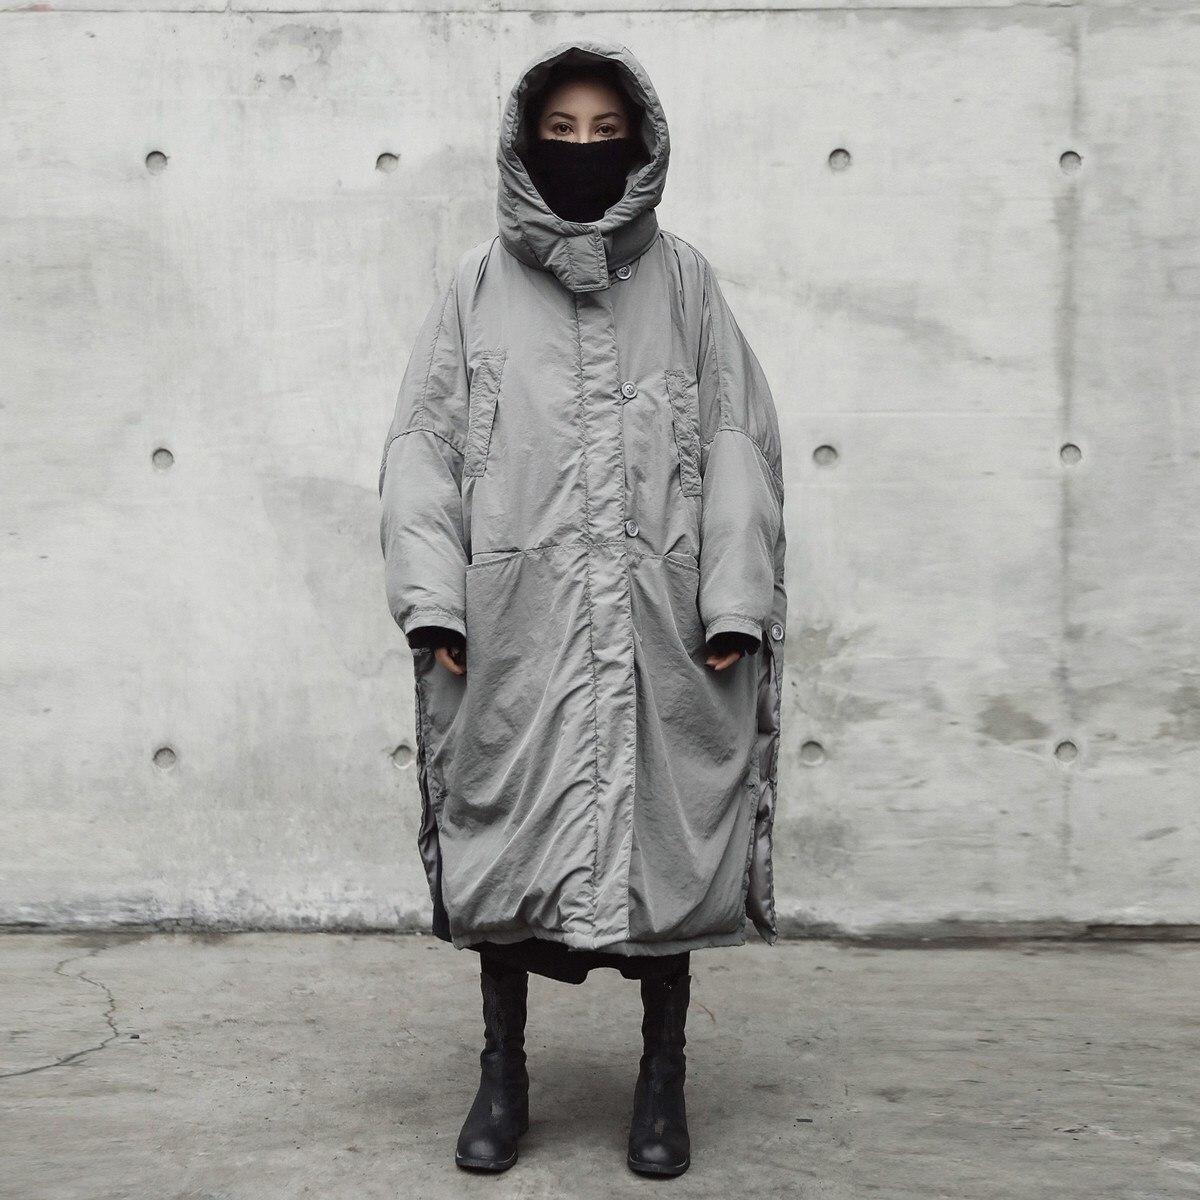 Chaud Solide Manteau Nouveau Capuche 2018 Épaississement Femmes Grande Veste Long Mode Automne À Gris Taille Clair De Marée Hiver Vent Couleur SO6gnw6q